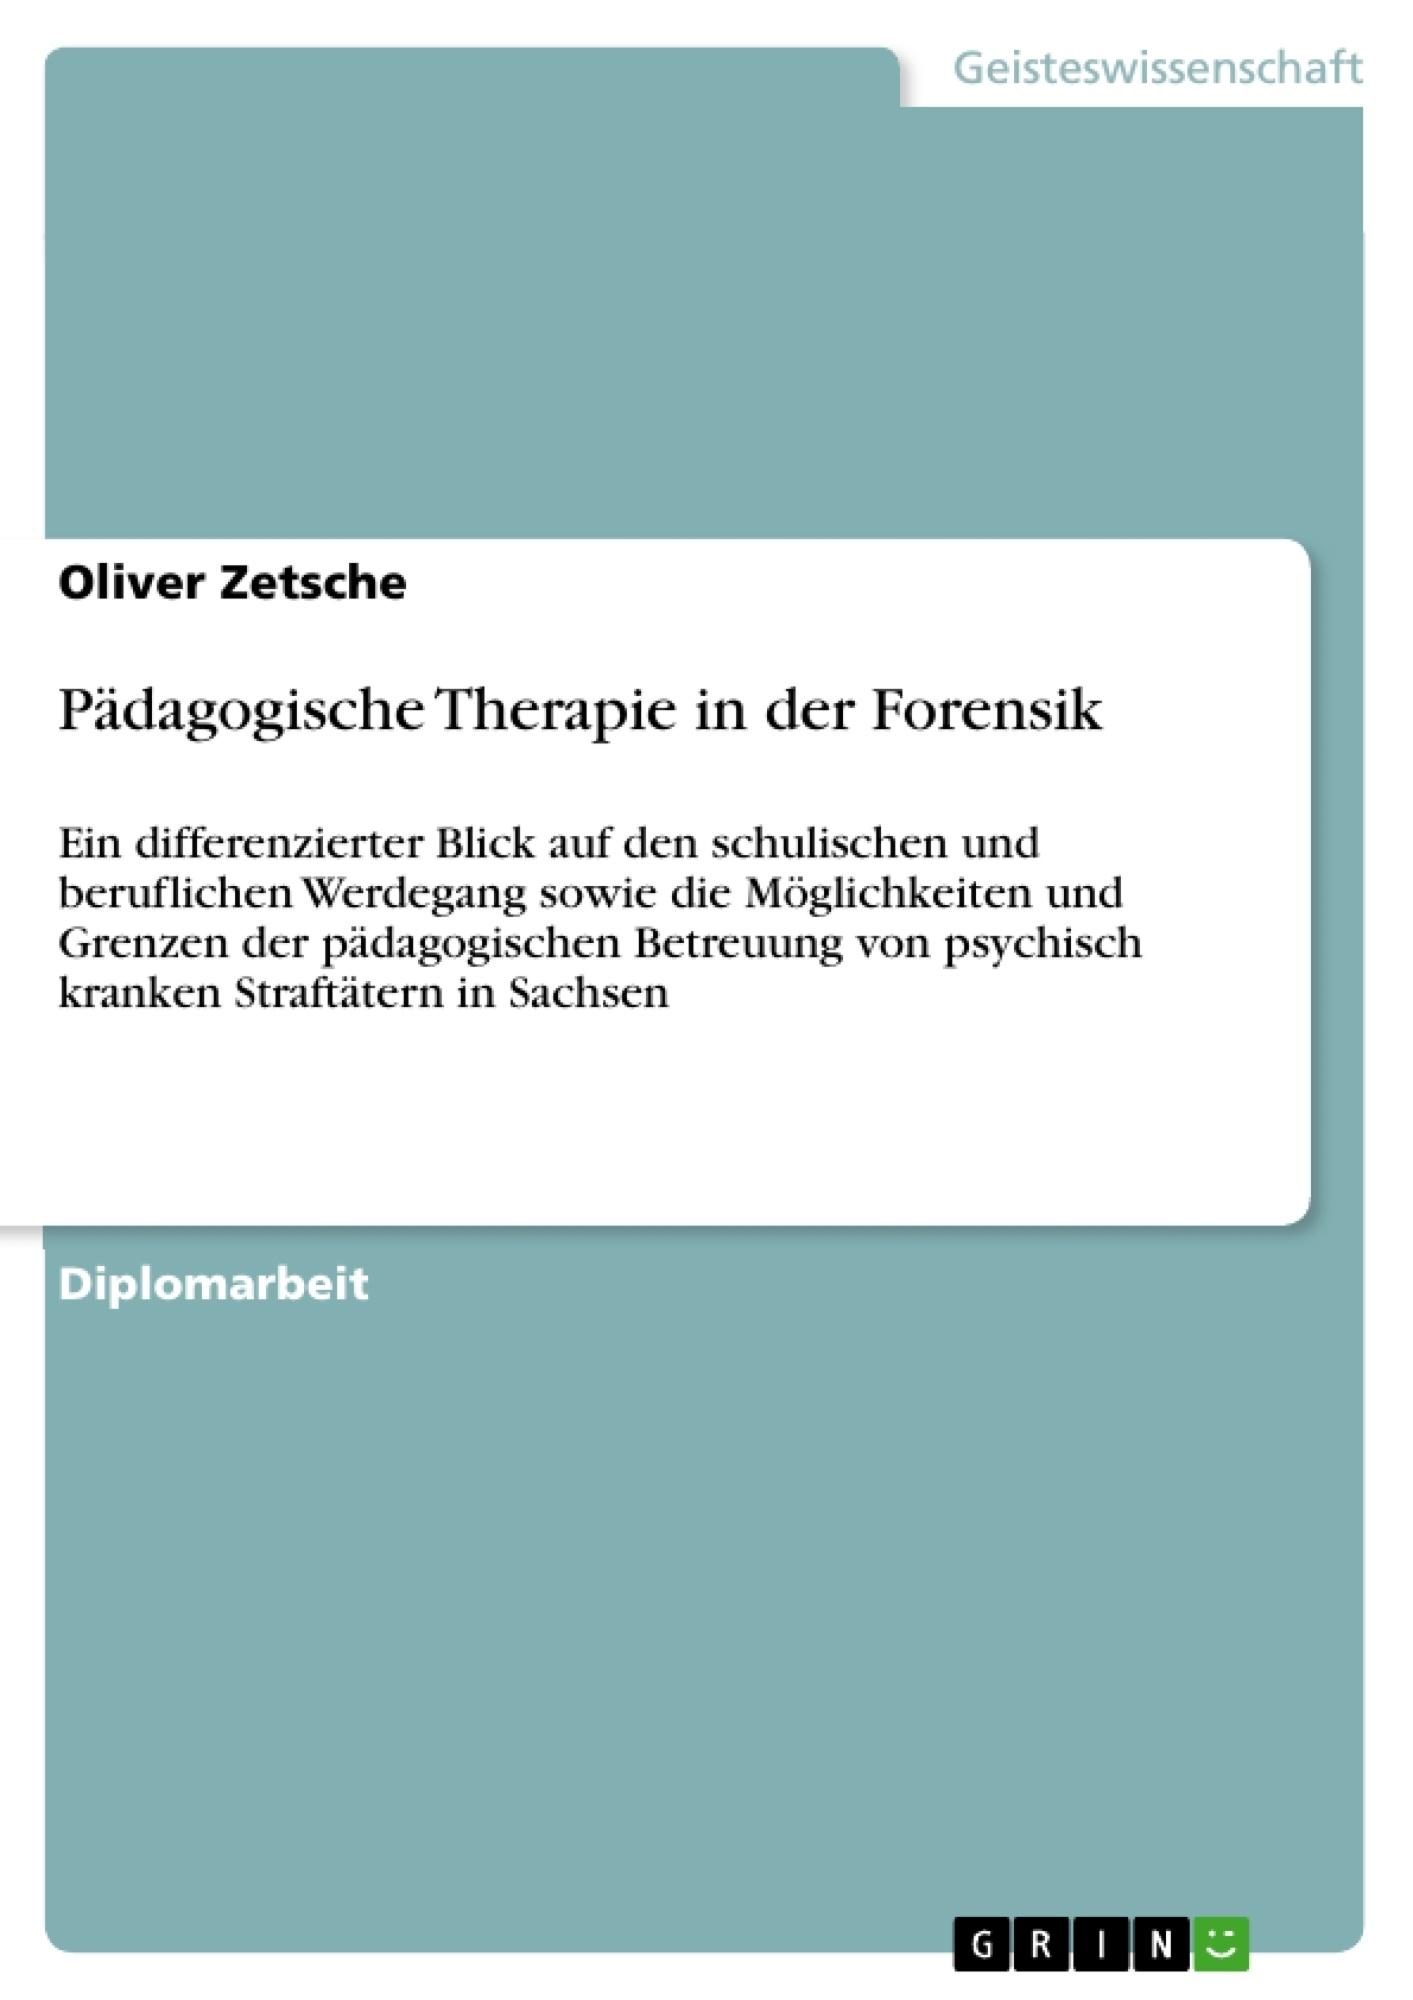 Titel: Pädagogische Therapie in der Forensik